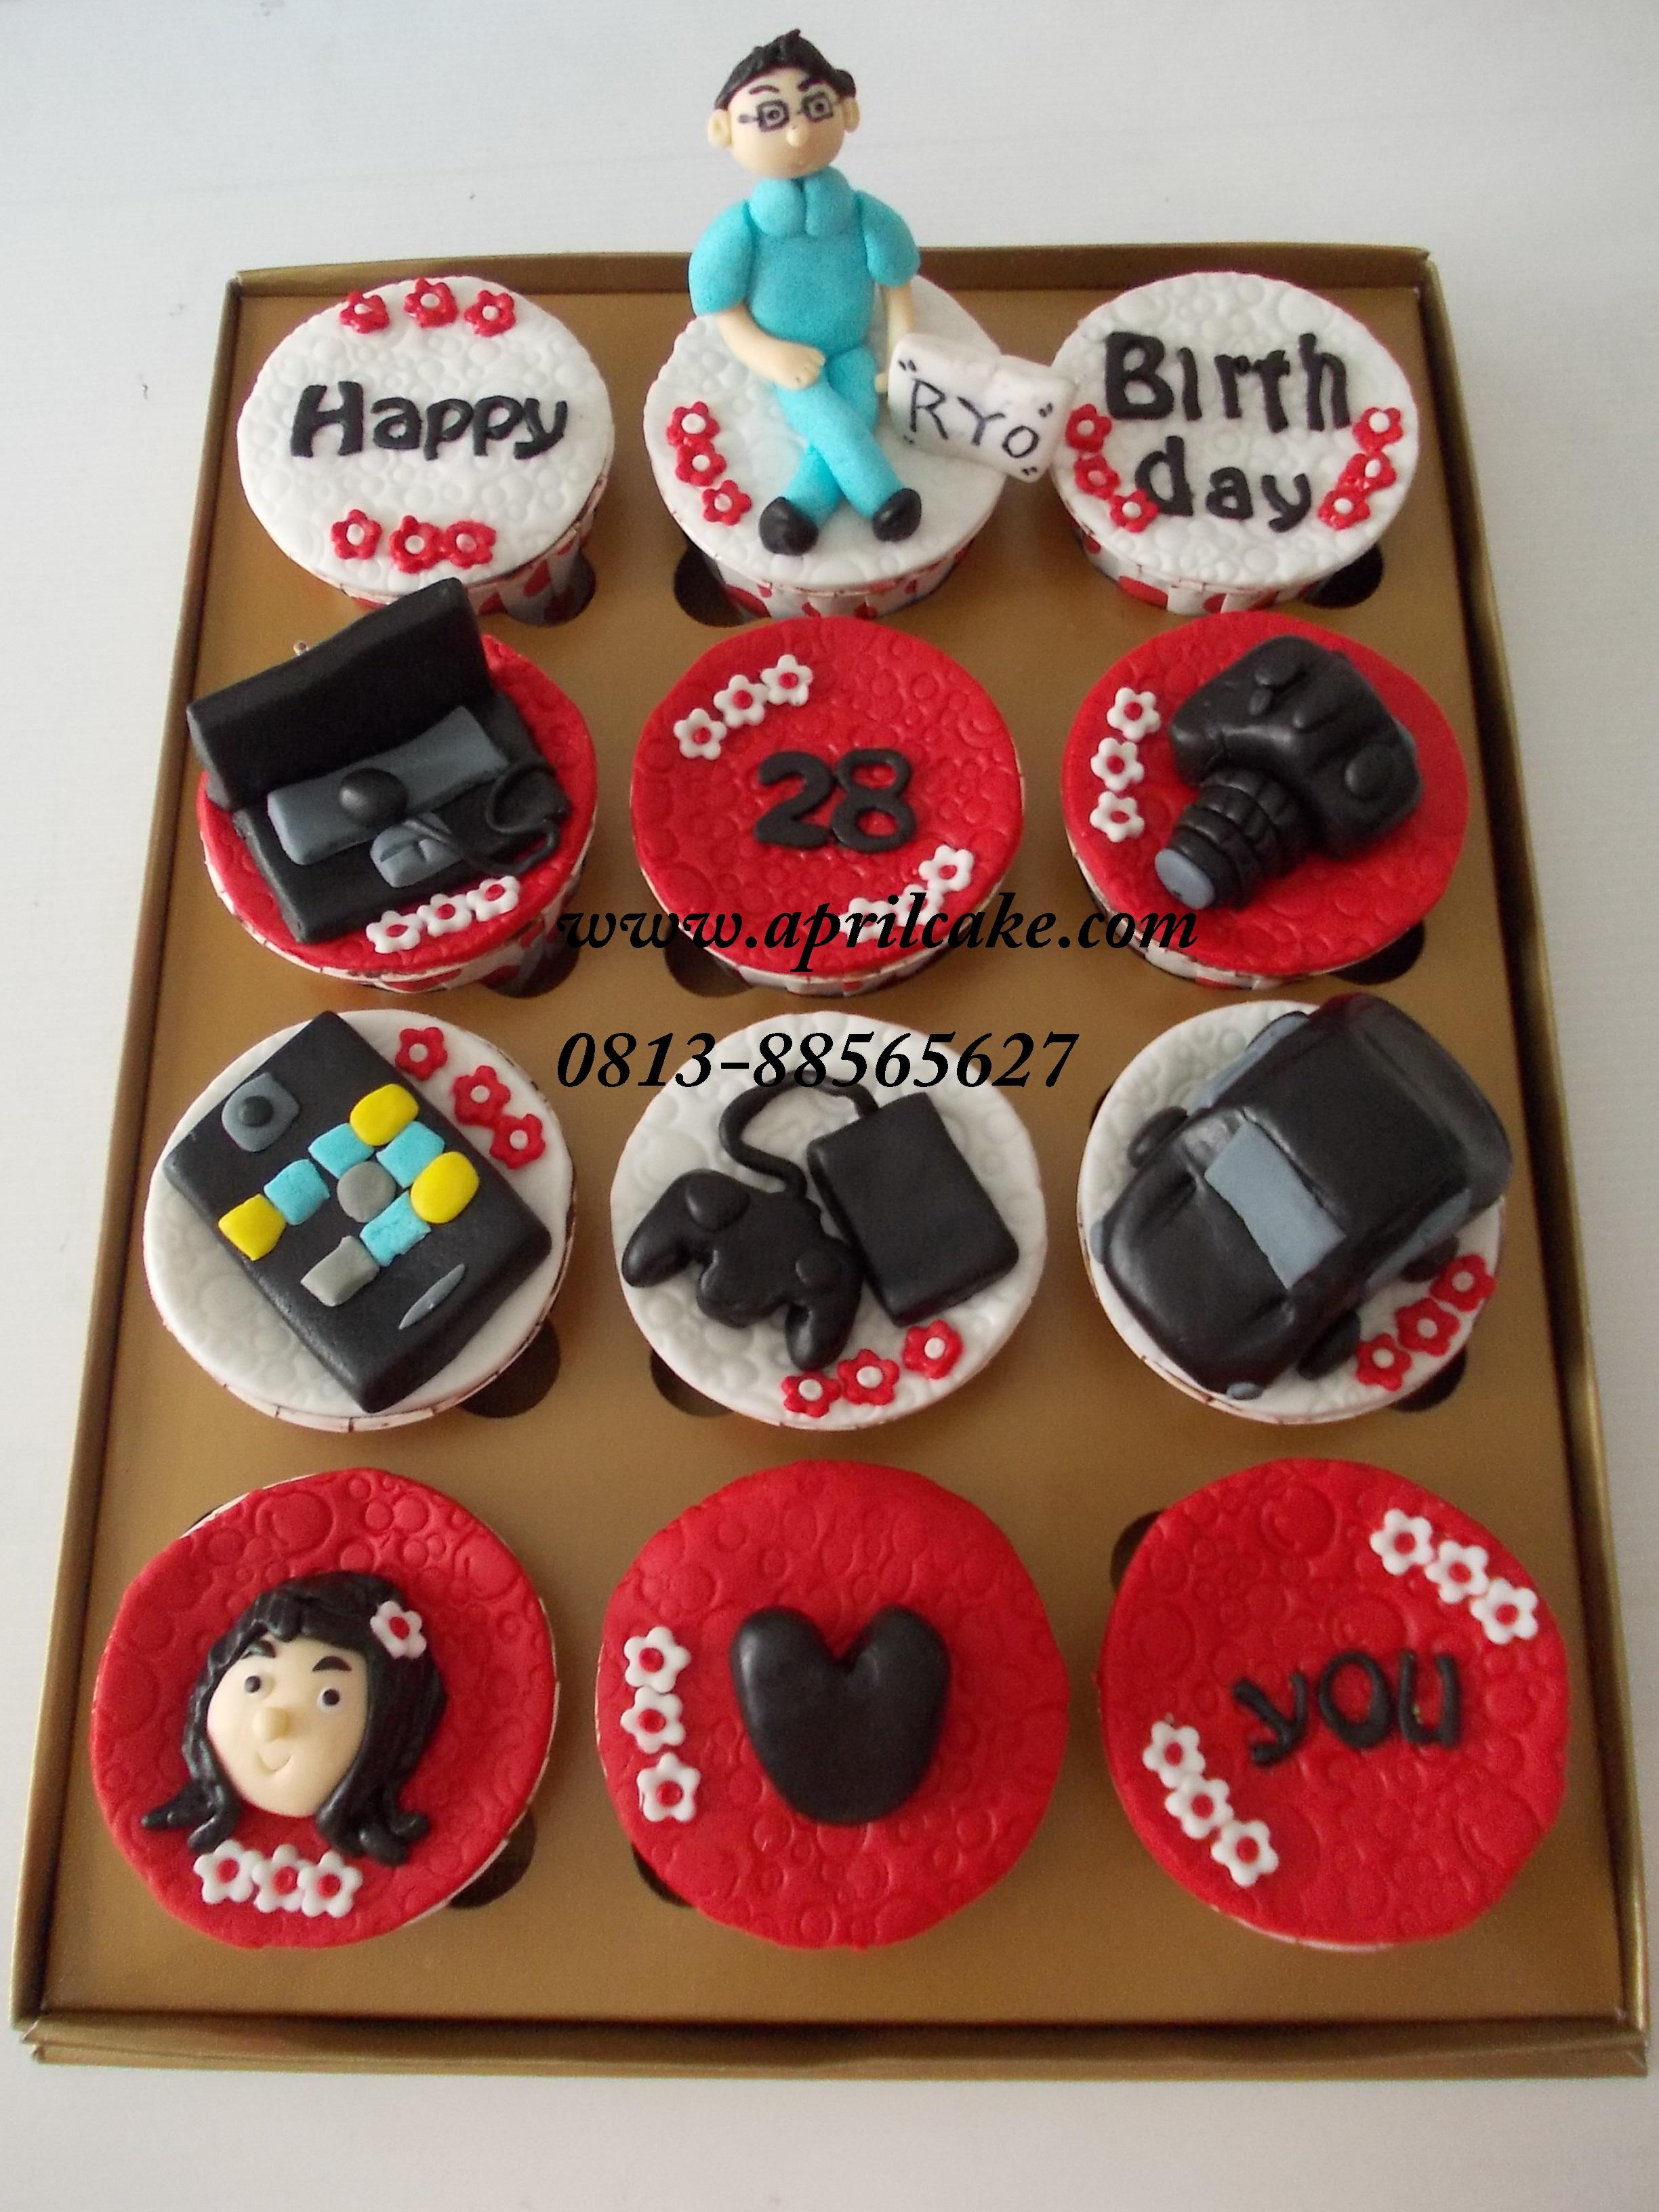 Gadget Cupcake Ryo